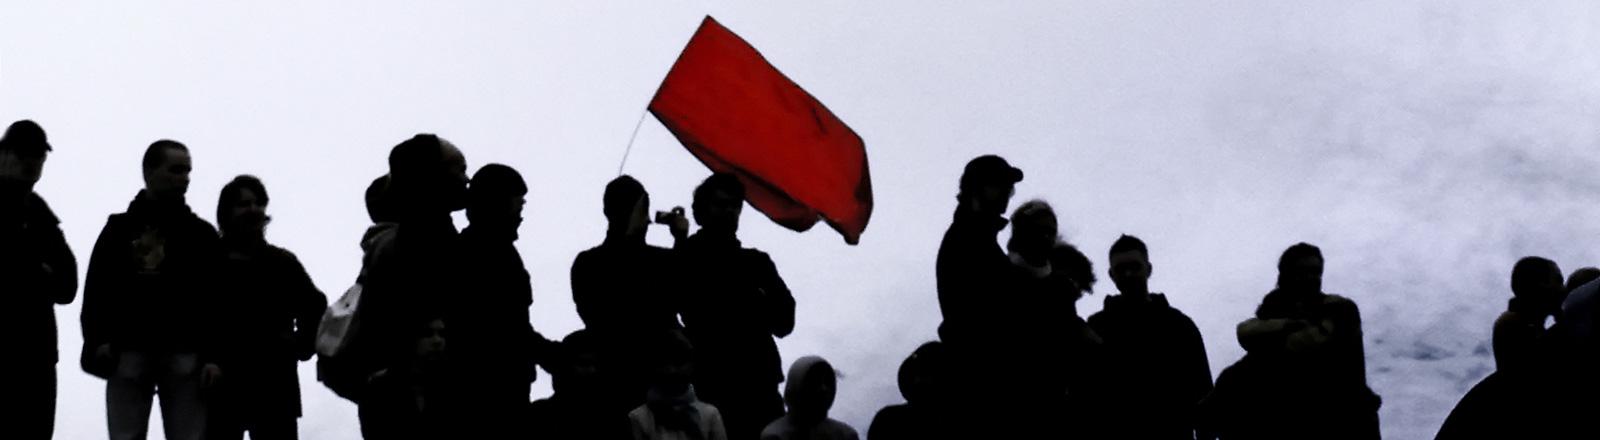 Eine Gruppe von Menschen in schwarzer Kleidung steht zusammen. Einer hält eine rote Fahne in den Himmel.